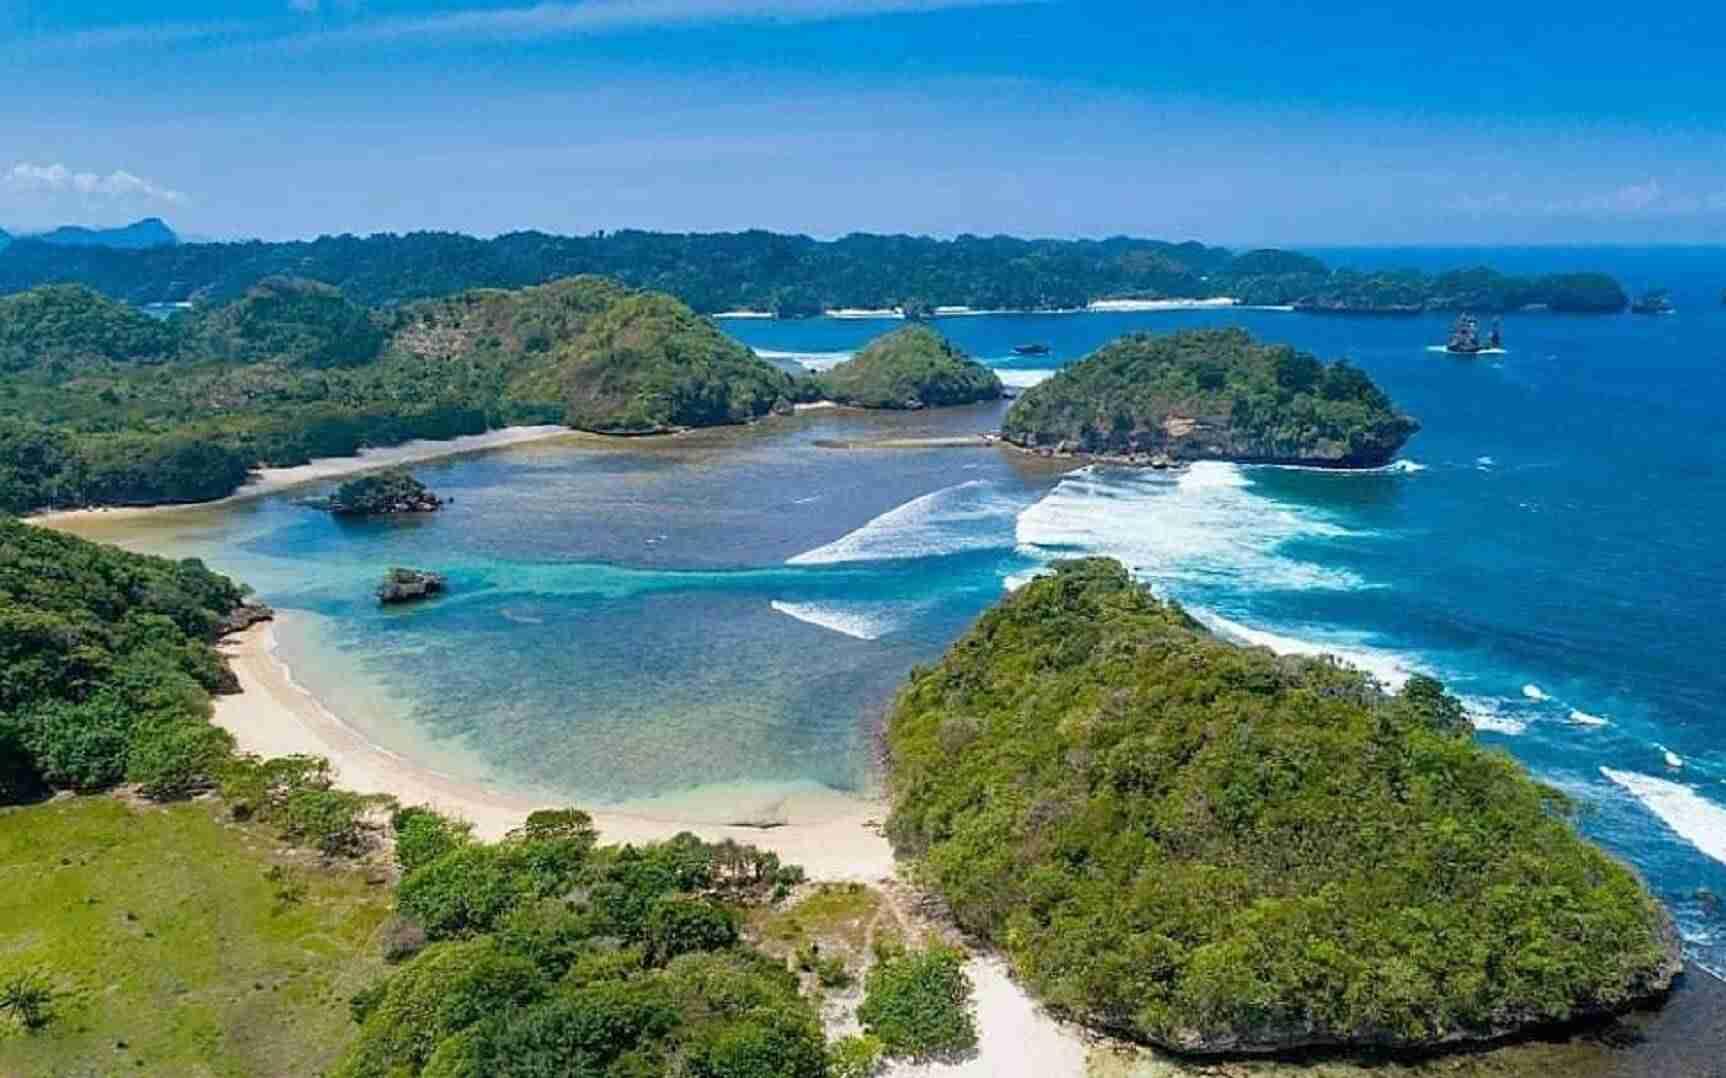 Pantai Teluk Asmara Malang Tiket Aktivitas September 2020 Travelspromo